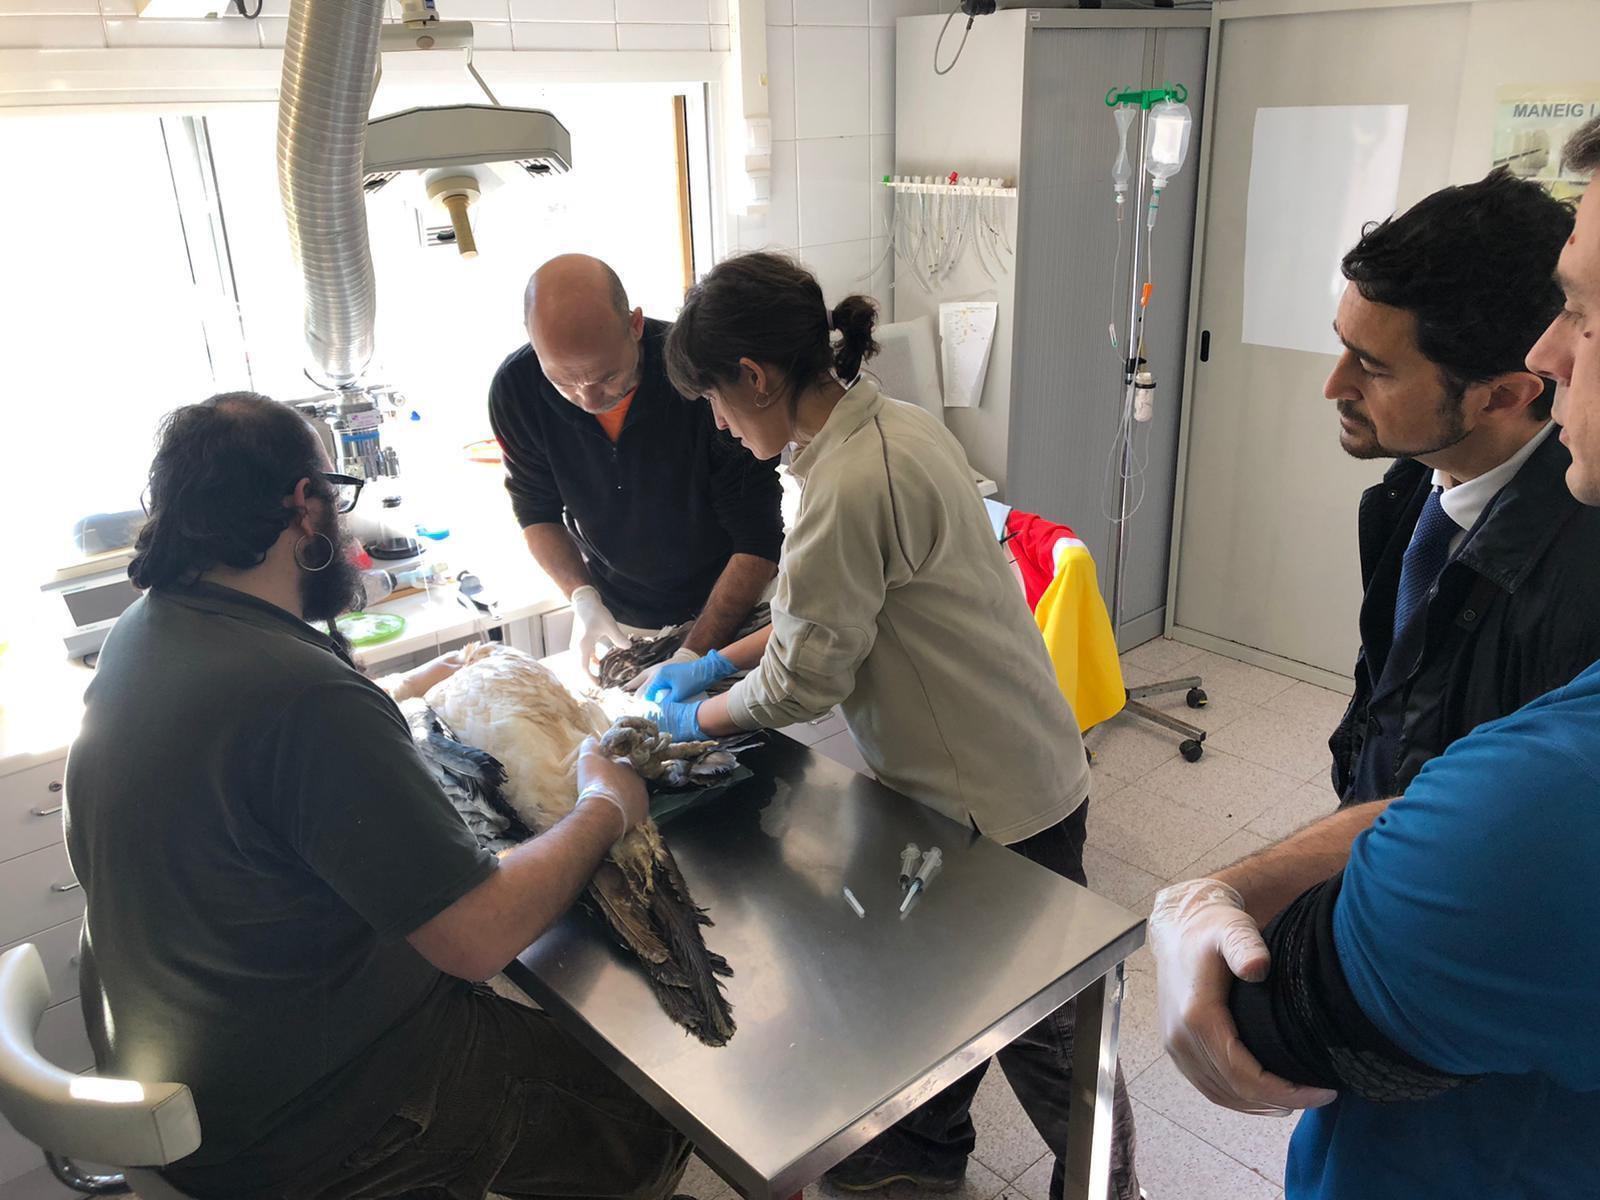 El conseller Calvet observa com atenen un dels animals del Centre de Fauna de Vallcalent durant la visita que va fer a les seves instal·lacions aquest passat divendres